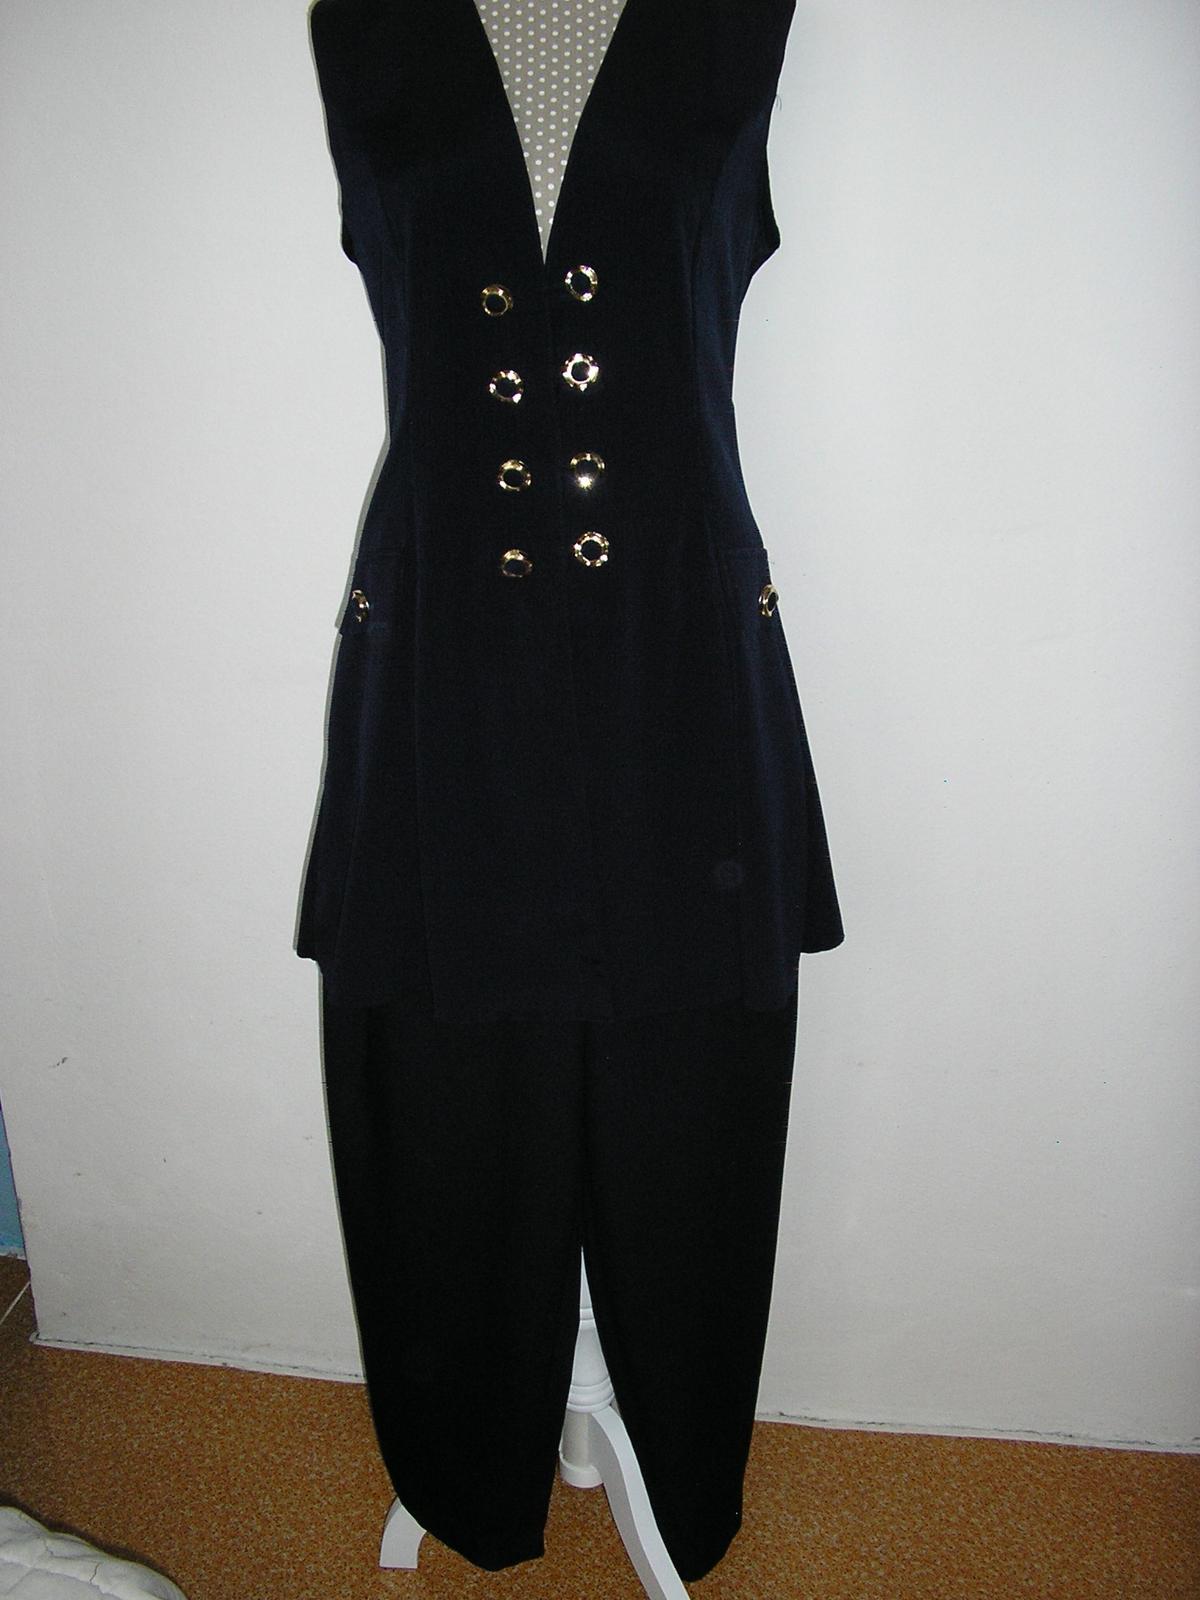 1259. Nohavicový kostým pre skôr nar. - Obrázok č. 3